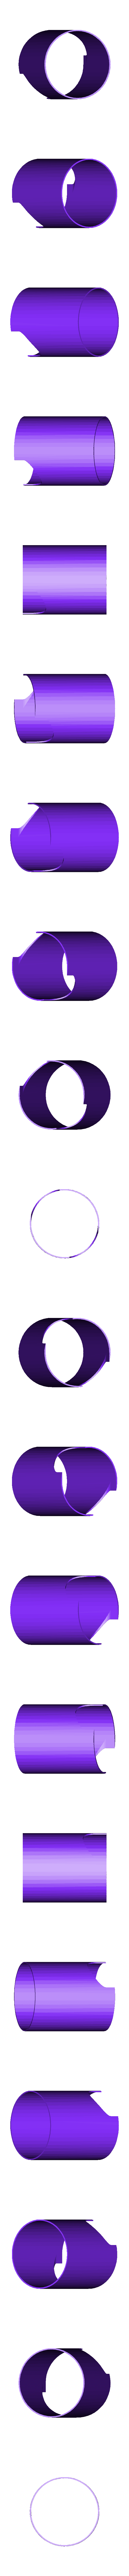 Leonardo_WallONLY.stl Télécharger fichier STL gratuit Escalier Léonard de Vinci • Design imprimable en 3D, ernestwallon3D